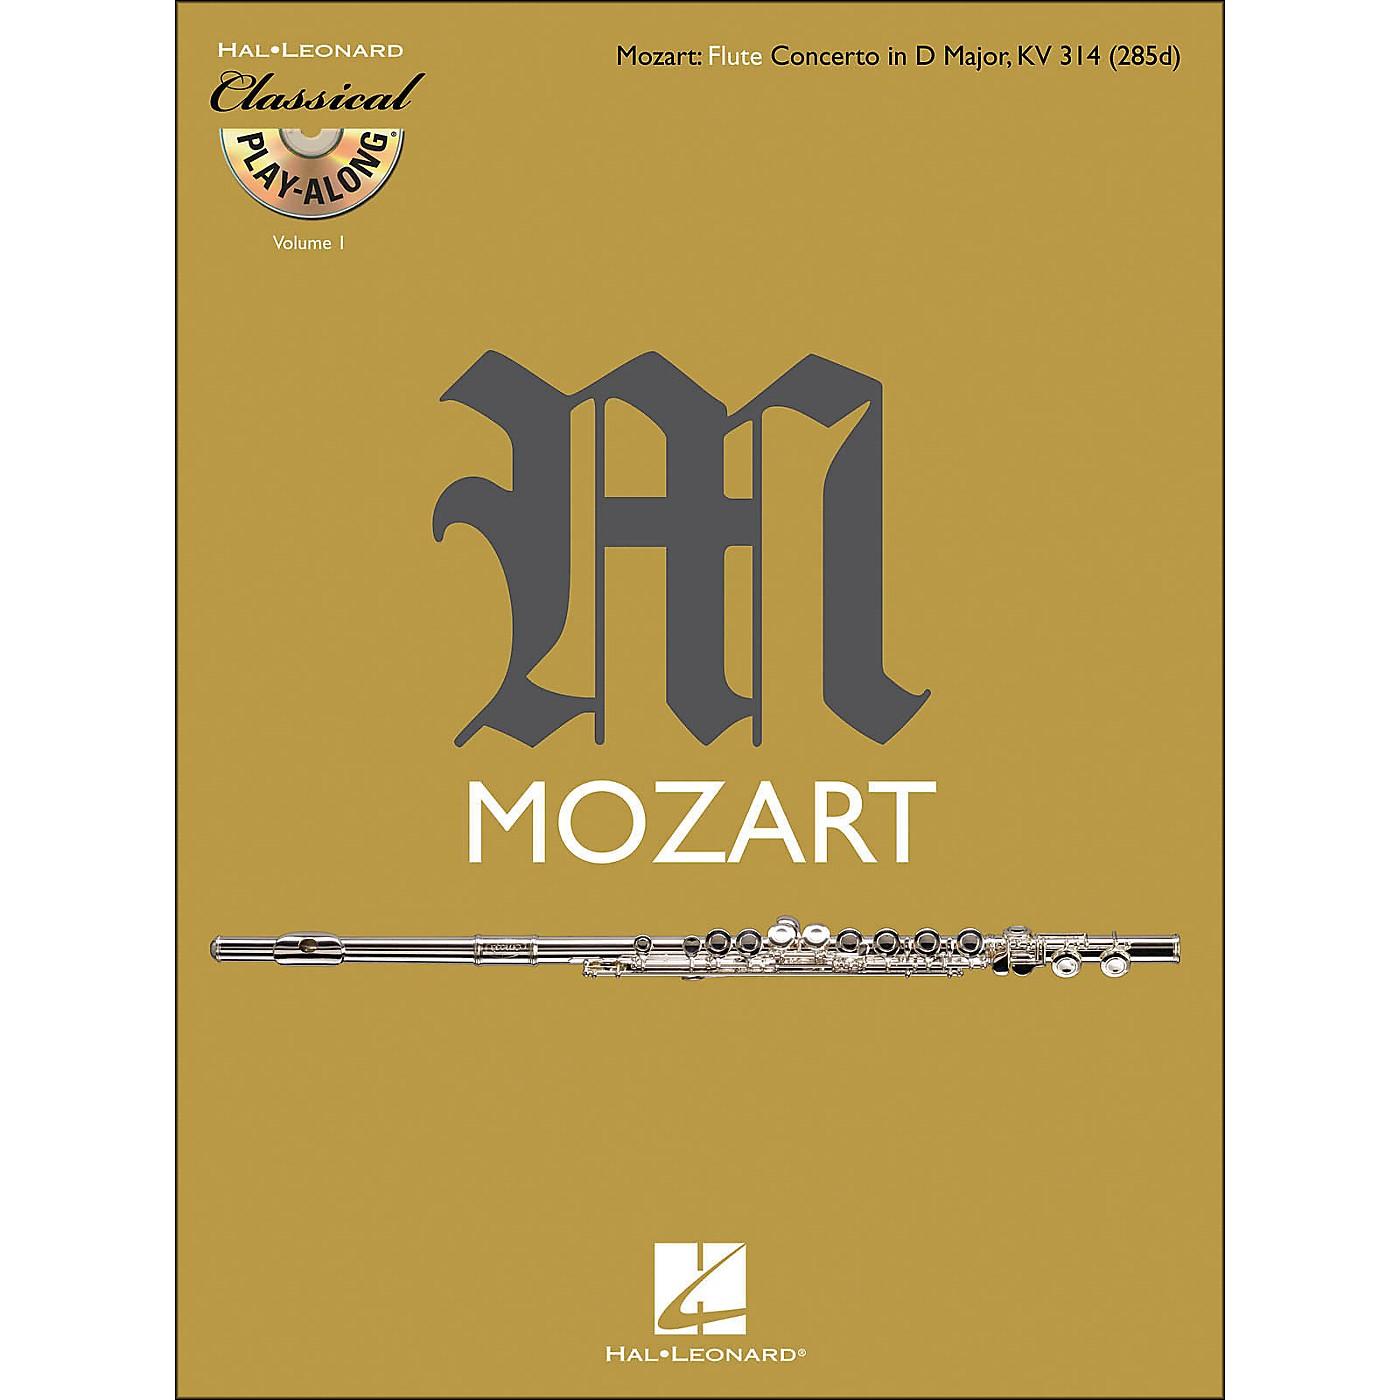 Hal Leonard Mozart: Flute Concerto In D M Ajor, Kv 314 Classical Play-Along Book/CD Vol.1 thumbnail